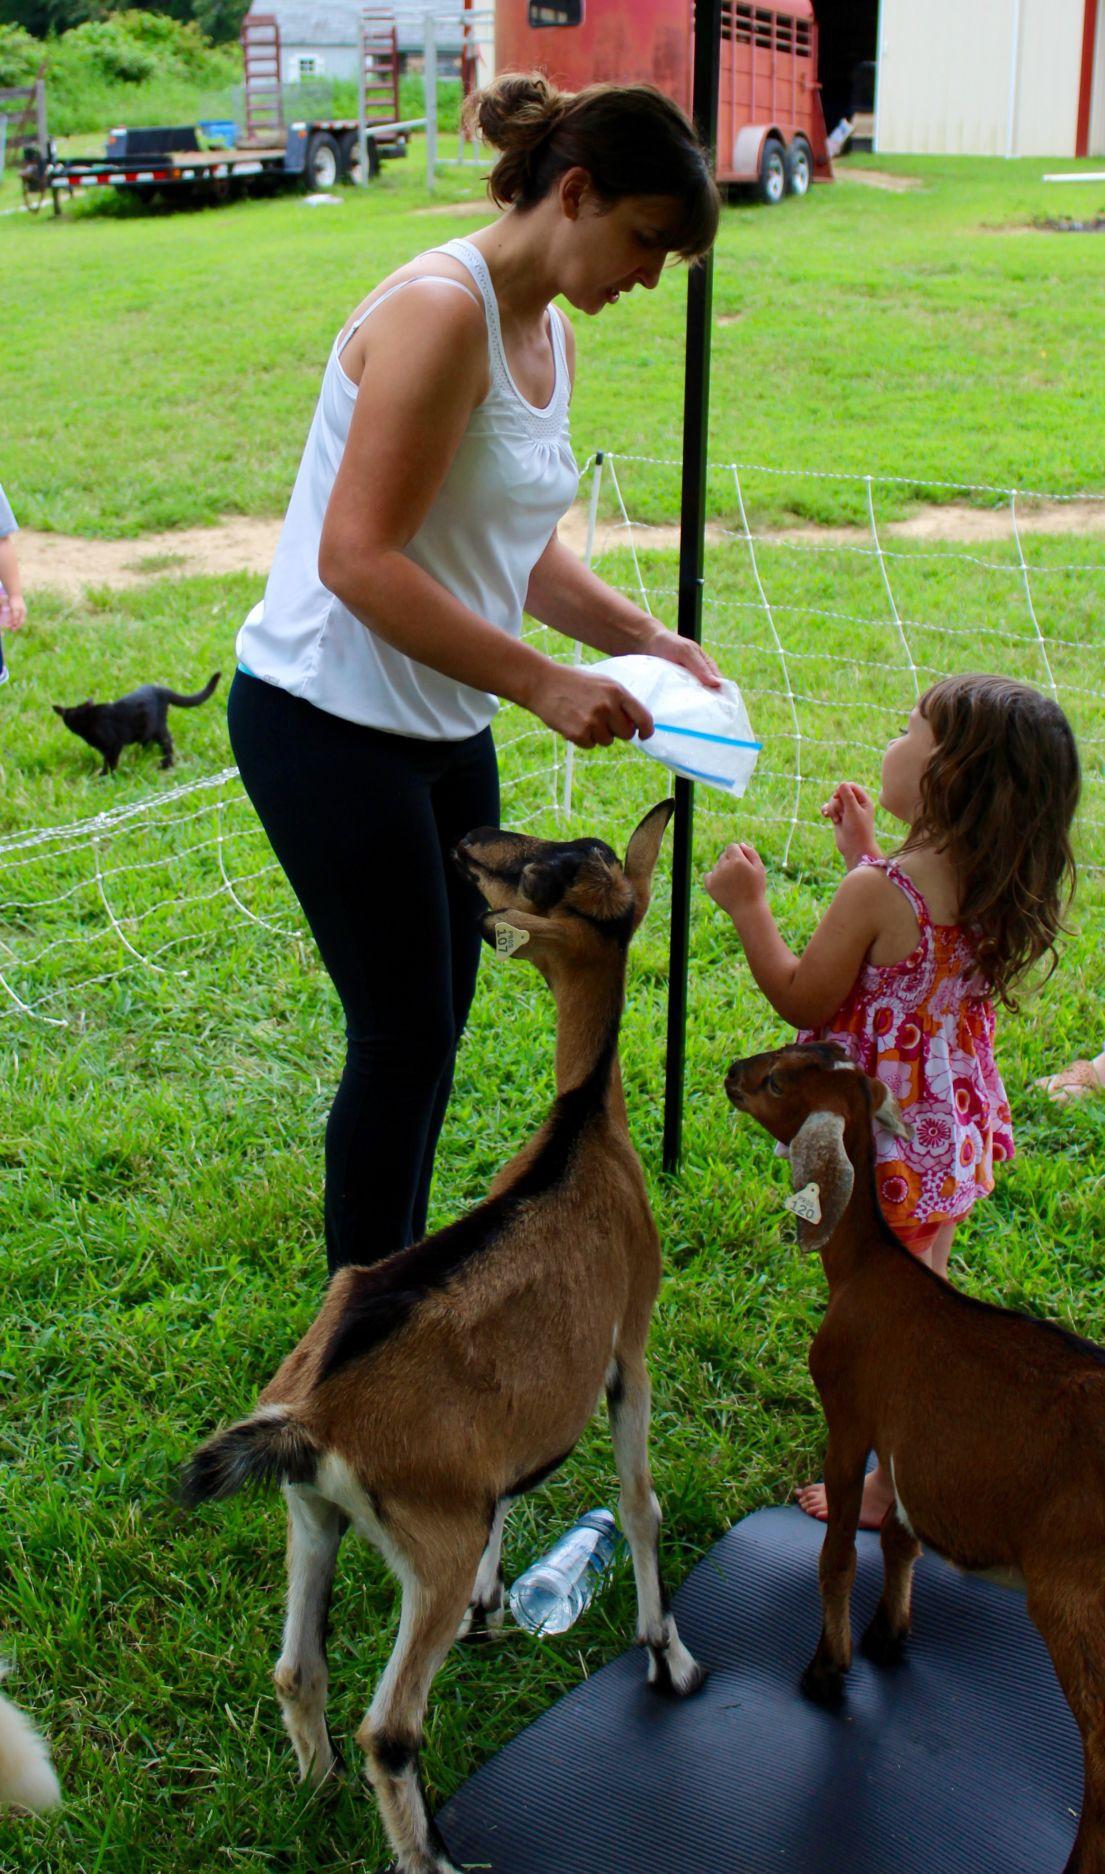 barnyard meets downward dog in sunderland spotlight somdnews com